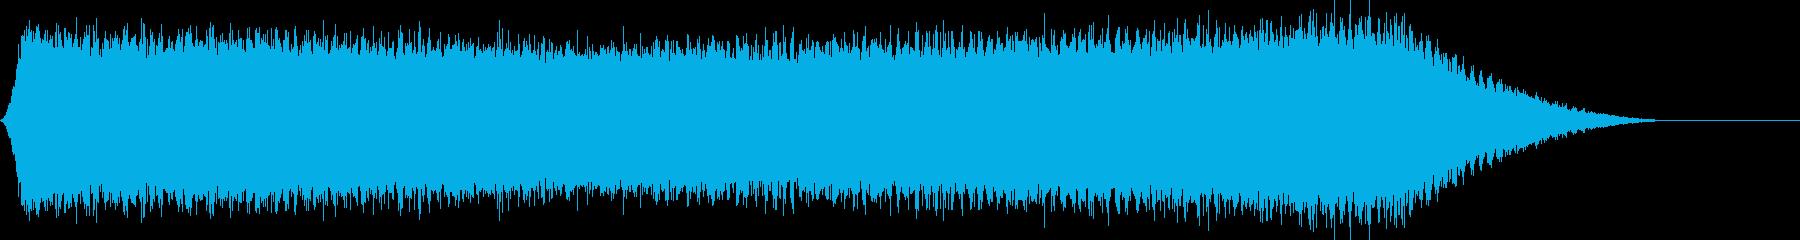 真夏のセミの音サンプリングの再生済みの波形